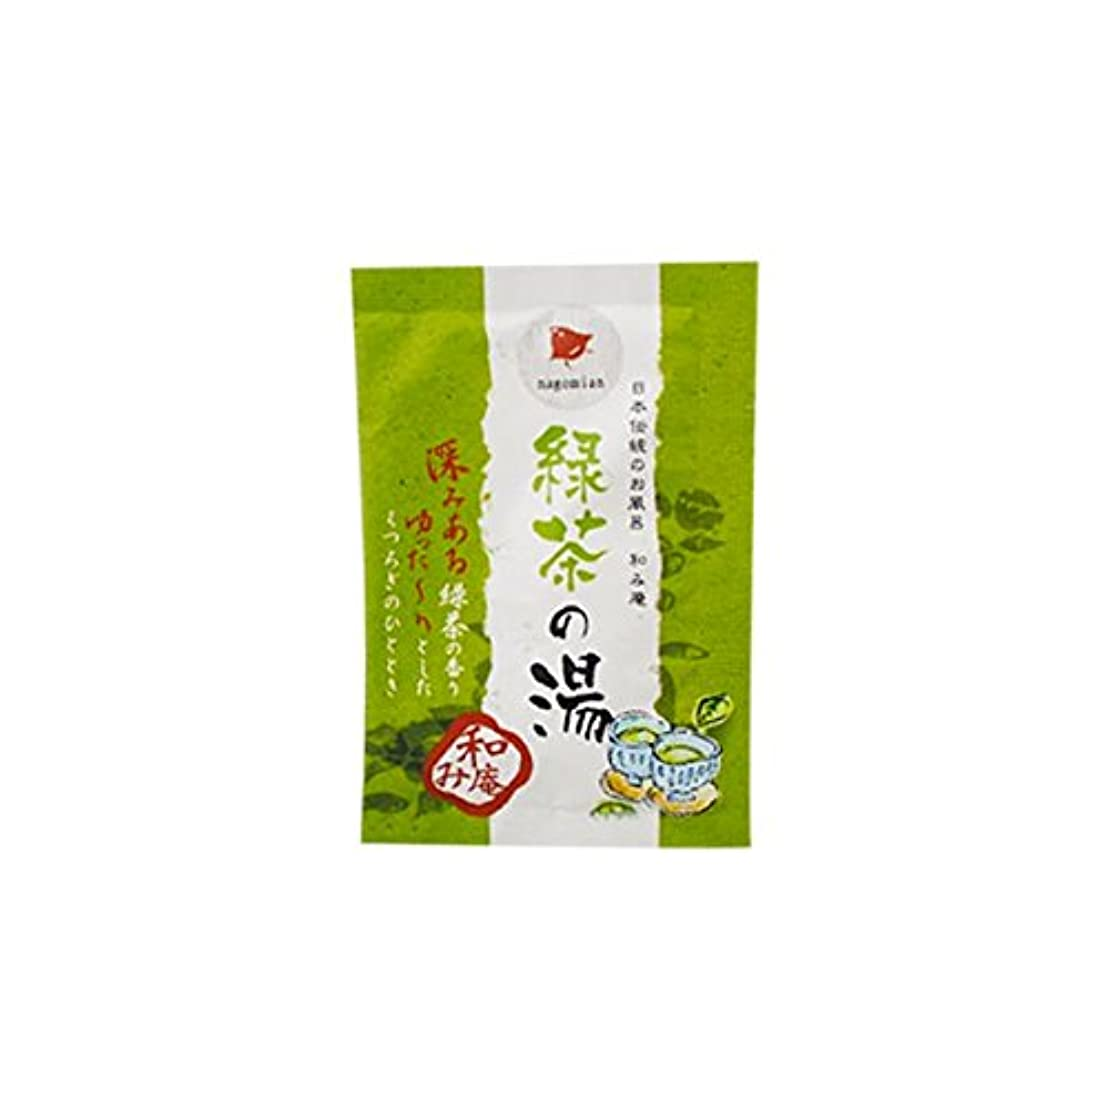 キノコ第暴露和み庵 入浴剤 「緑茶の湯」30個